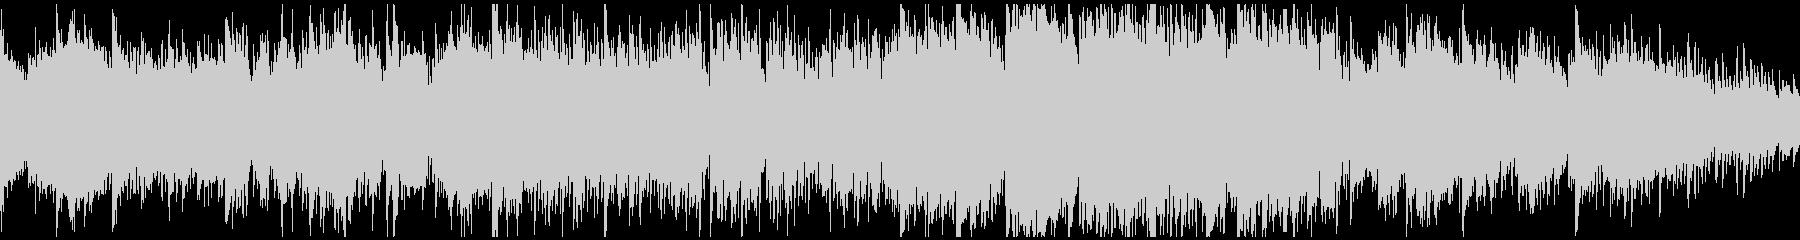 幽玄な和風エレクトロニカ ※ループ仕様版の未再生の波形